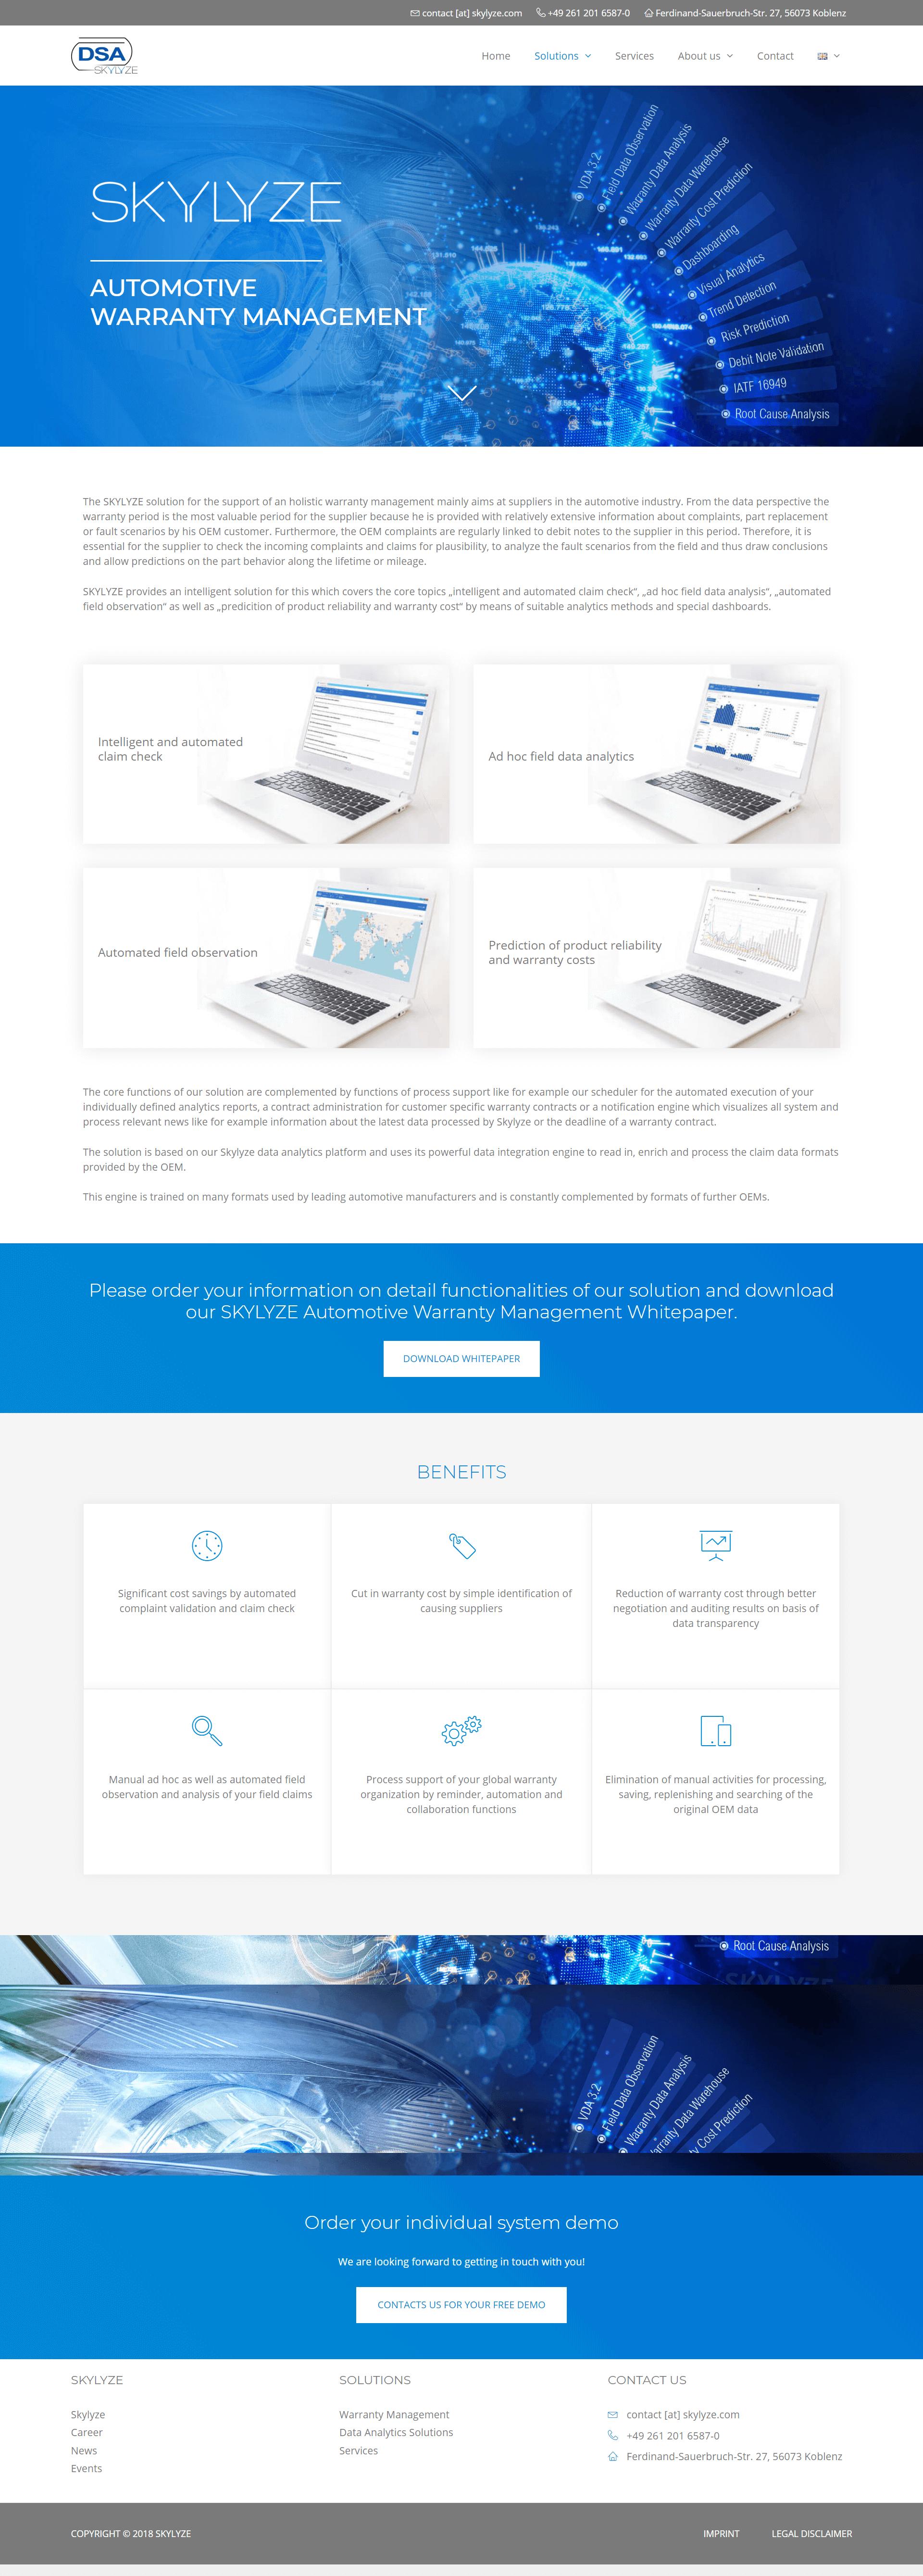 skylyze webdizajn warranty management